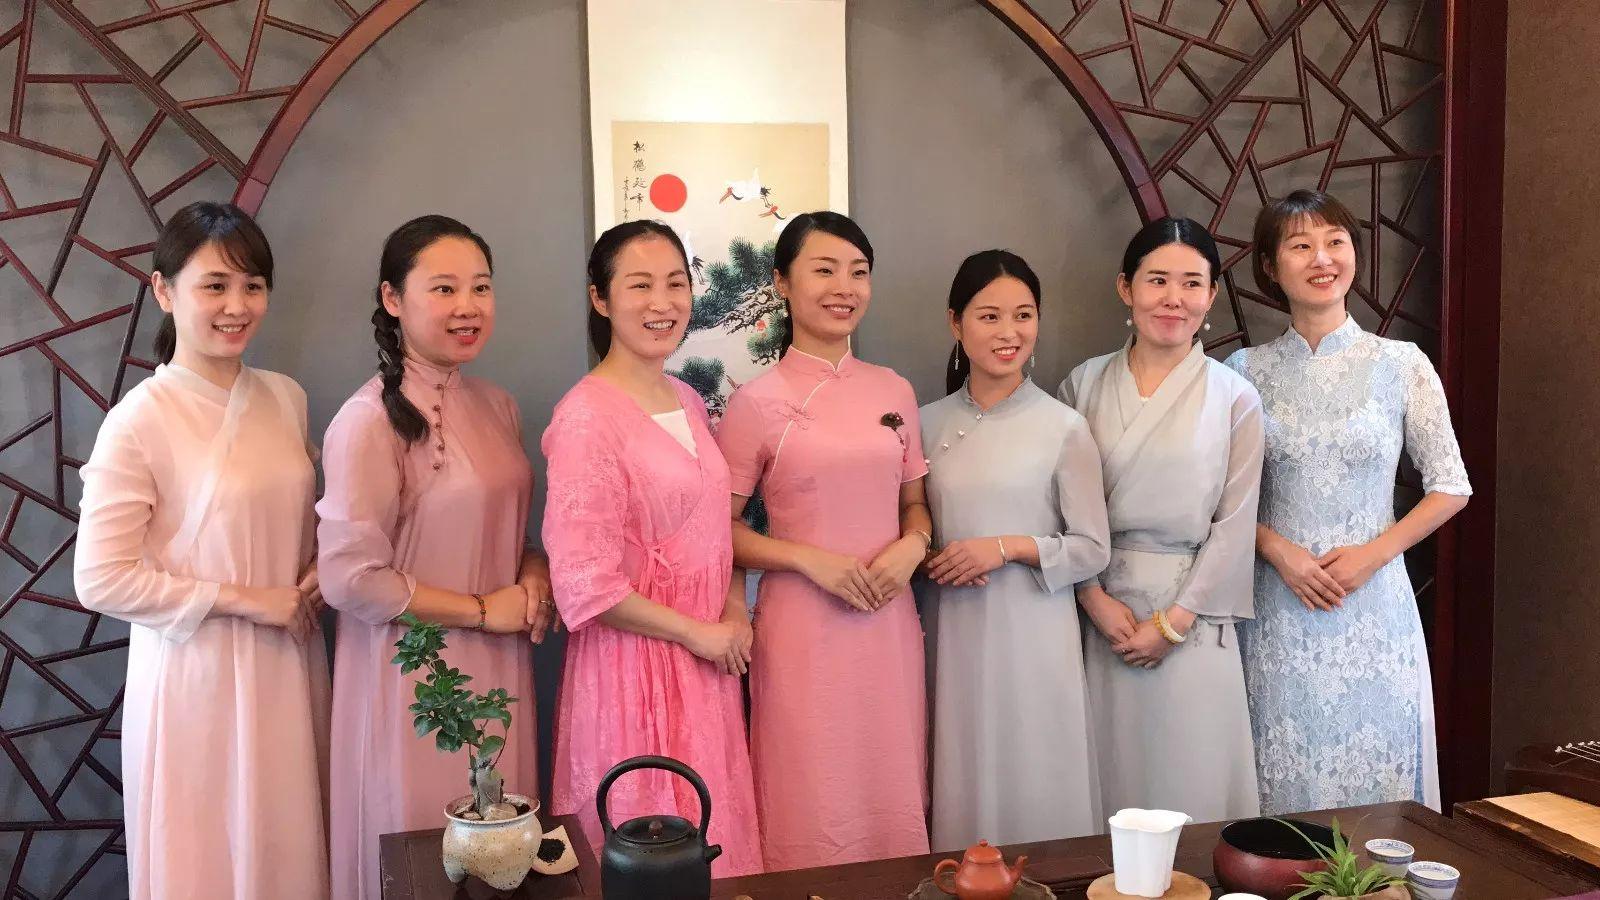 《可爱中国·大美上饶》视听盛宴精彩上演